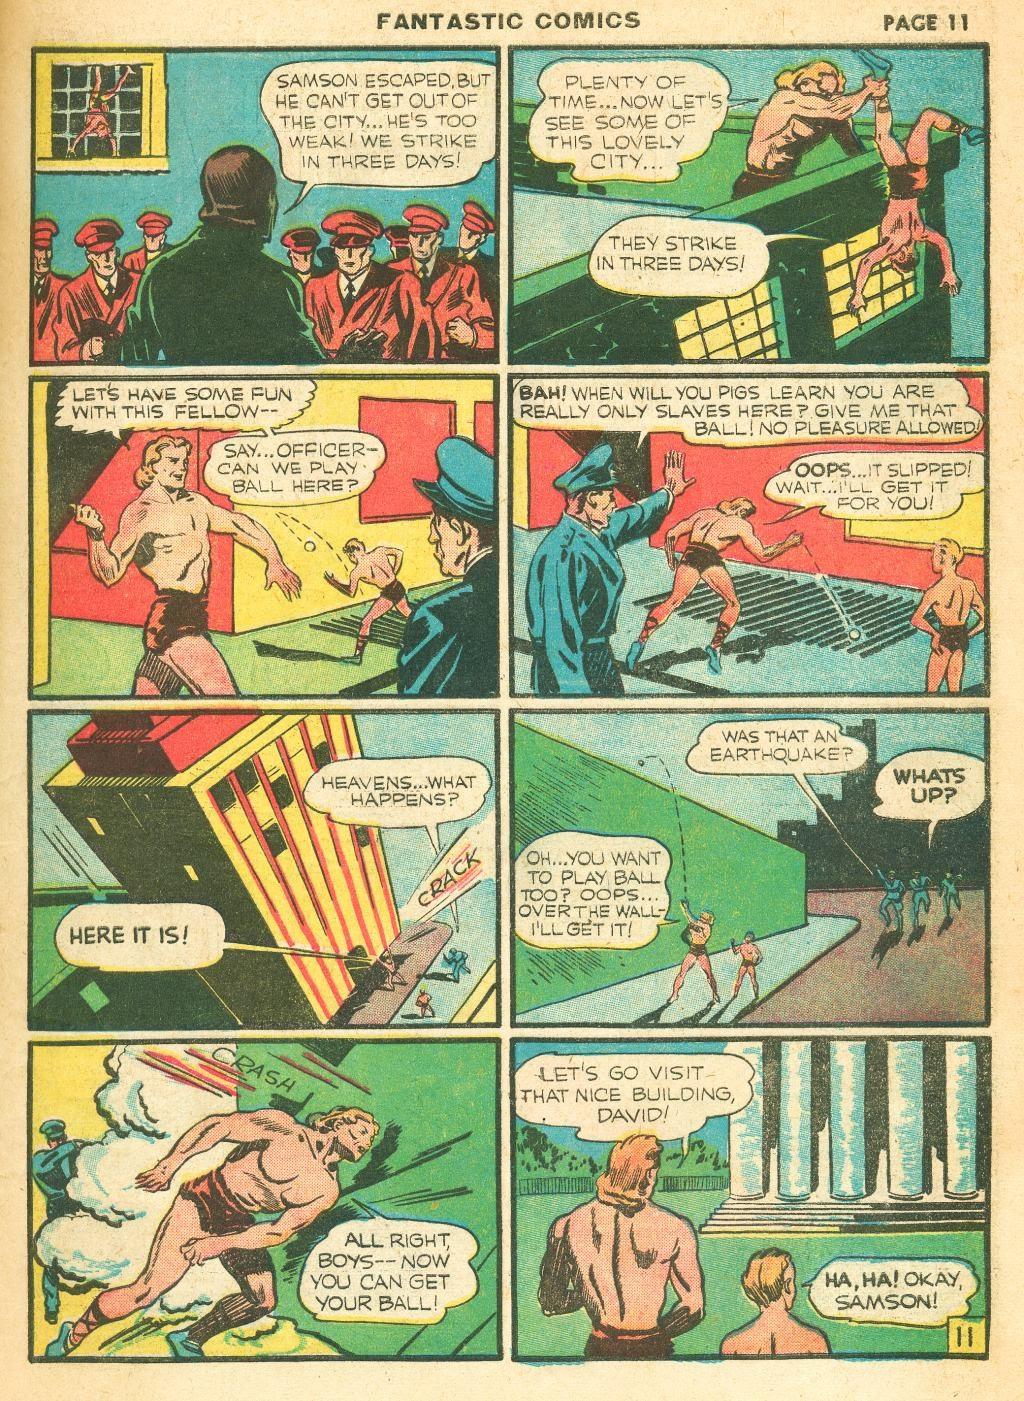 Read online Fantastic Comics comic -  Issue #12 - 13